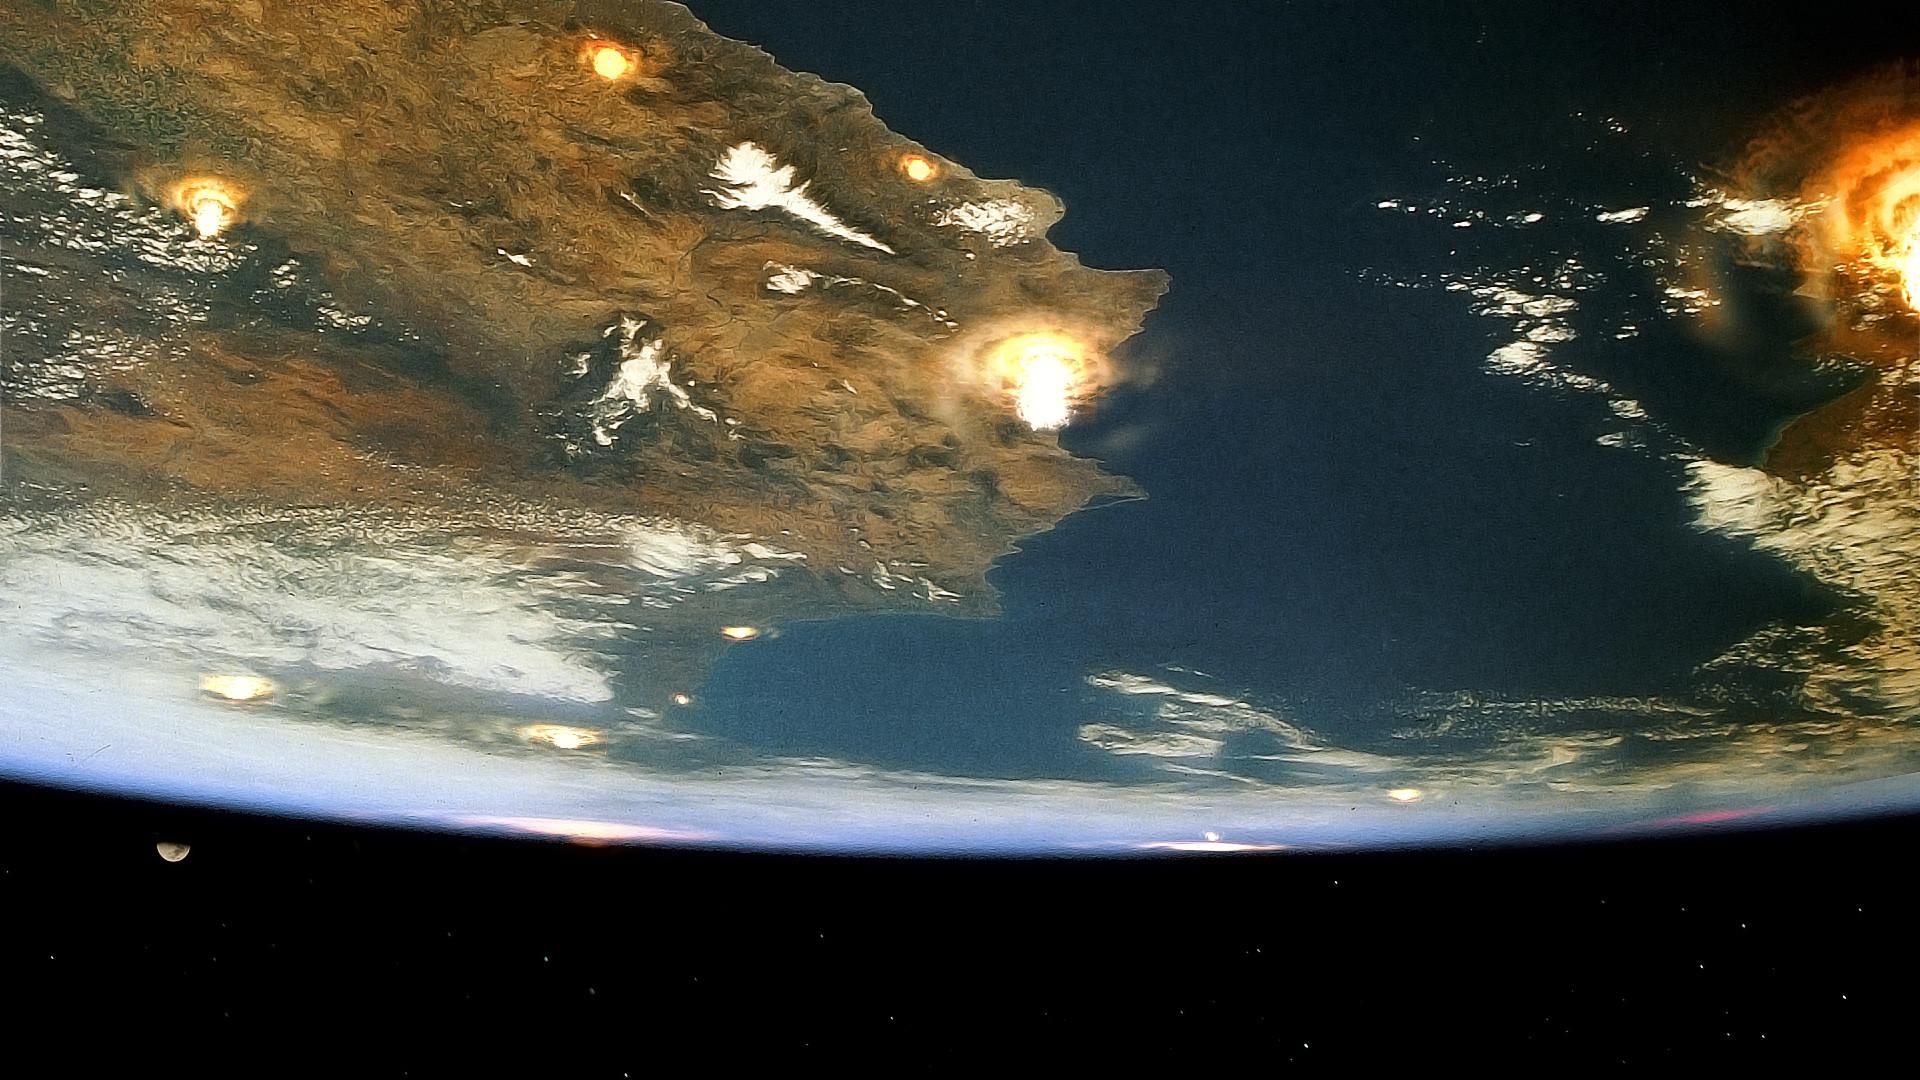 Звёздное небо и космос в картинках - Страница 6 Jakub-grygier-013-apocalypse-ab